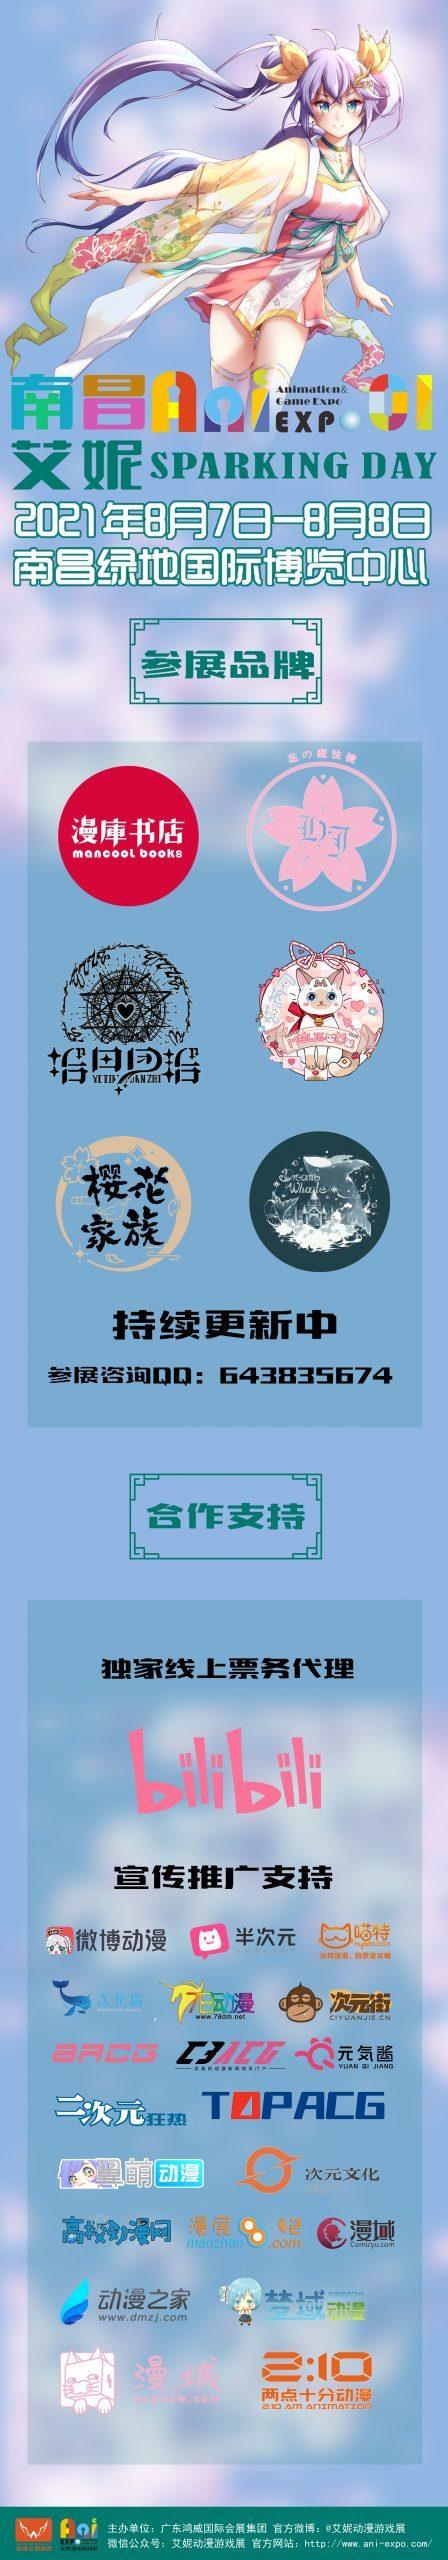 南昌艾妮动漫游戏展 展会情报第一弹!-C3动漫网